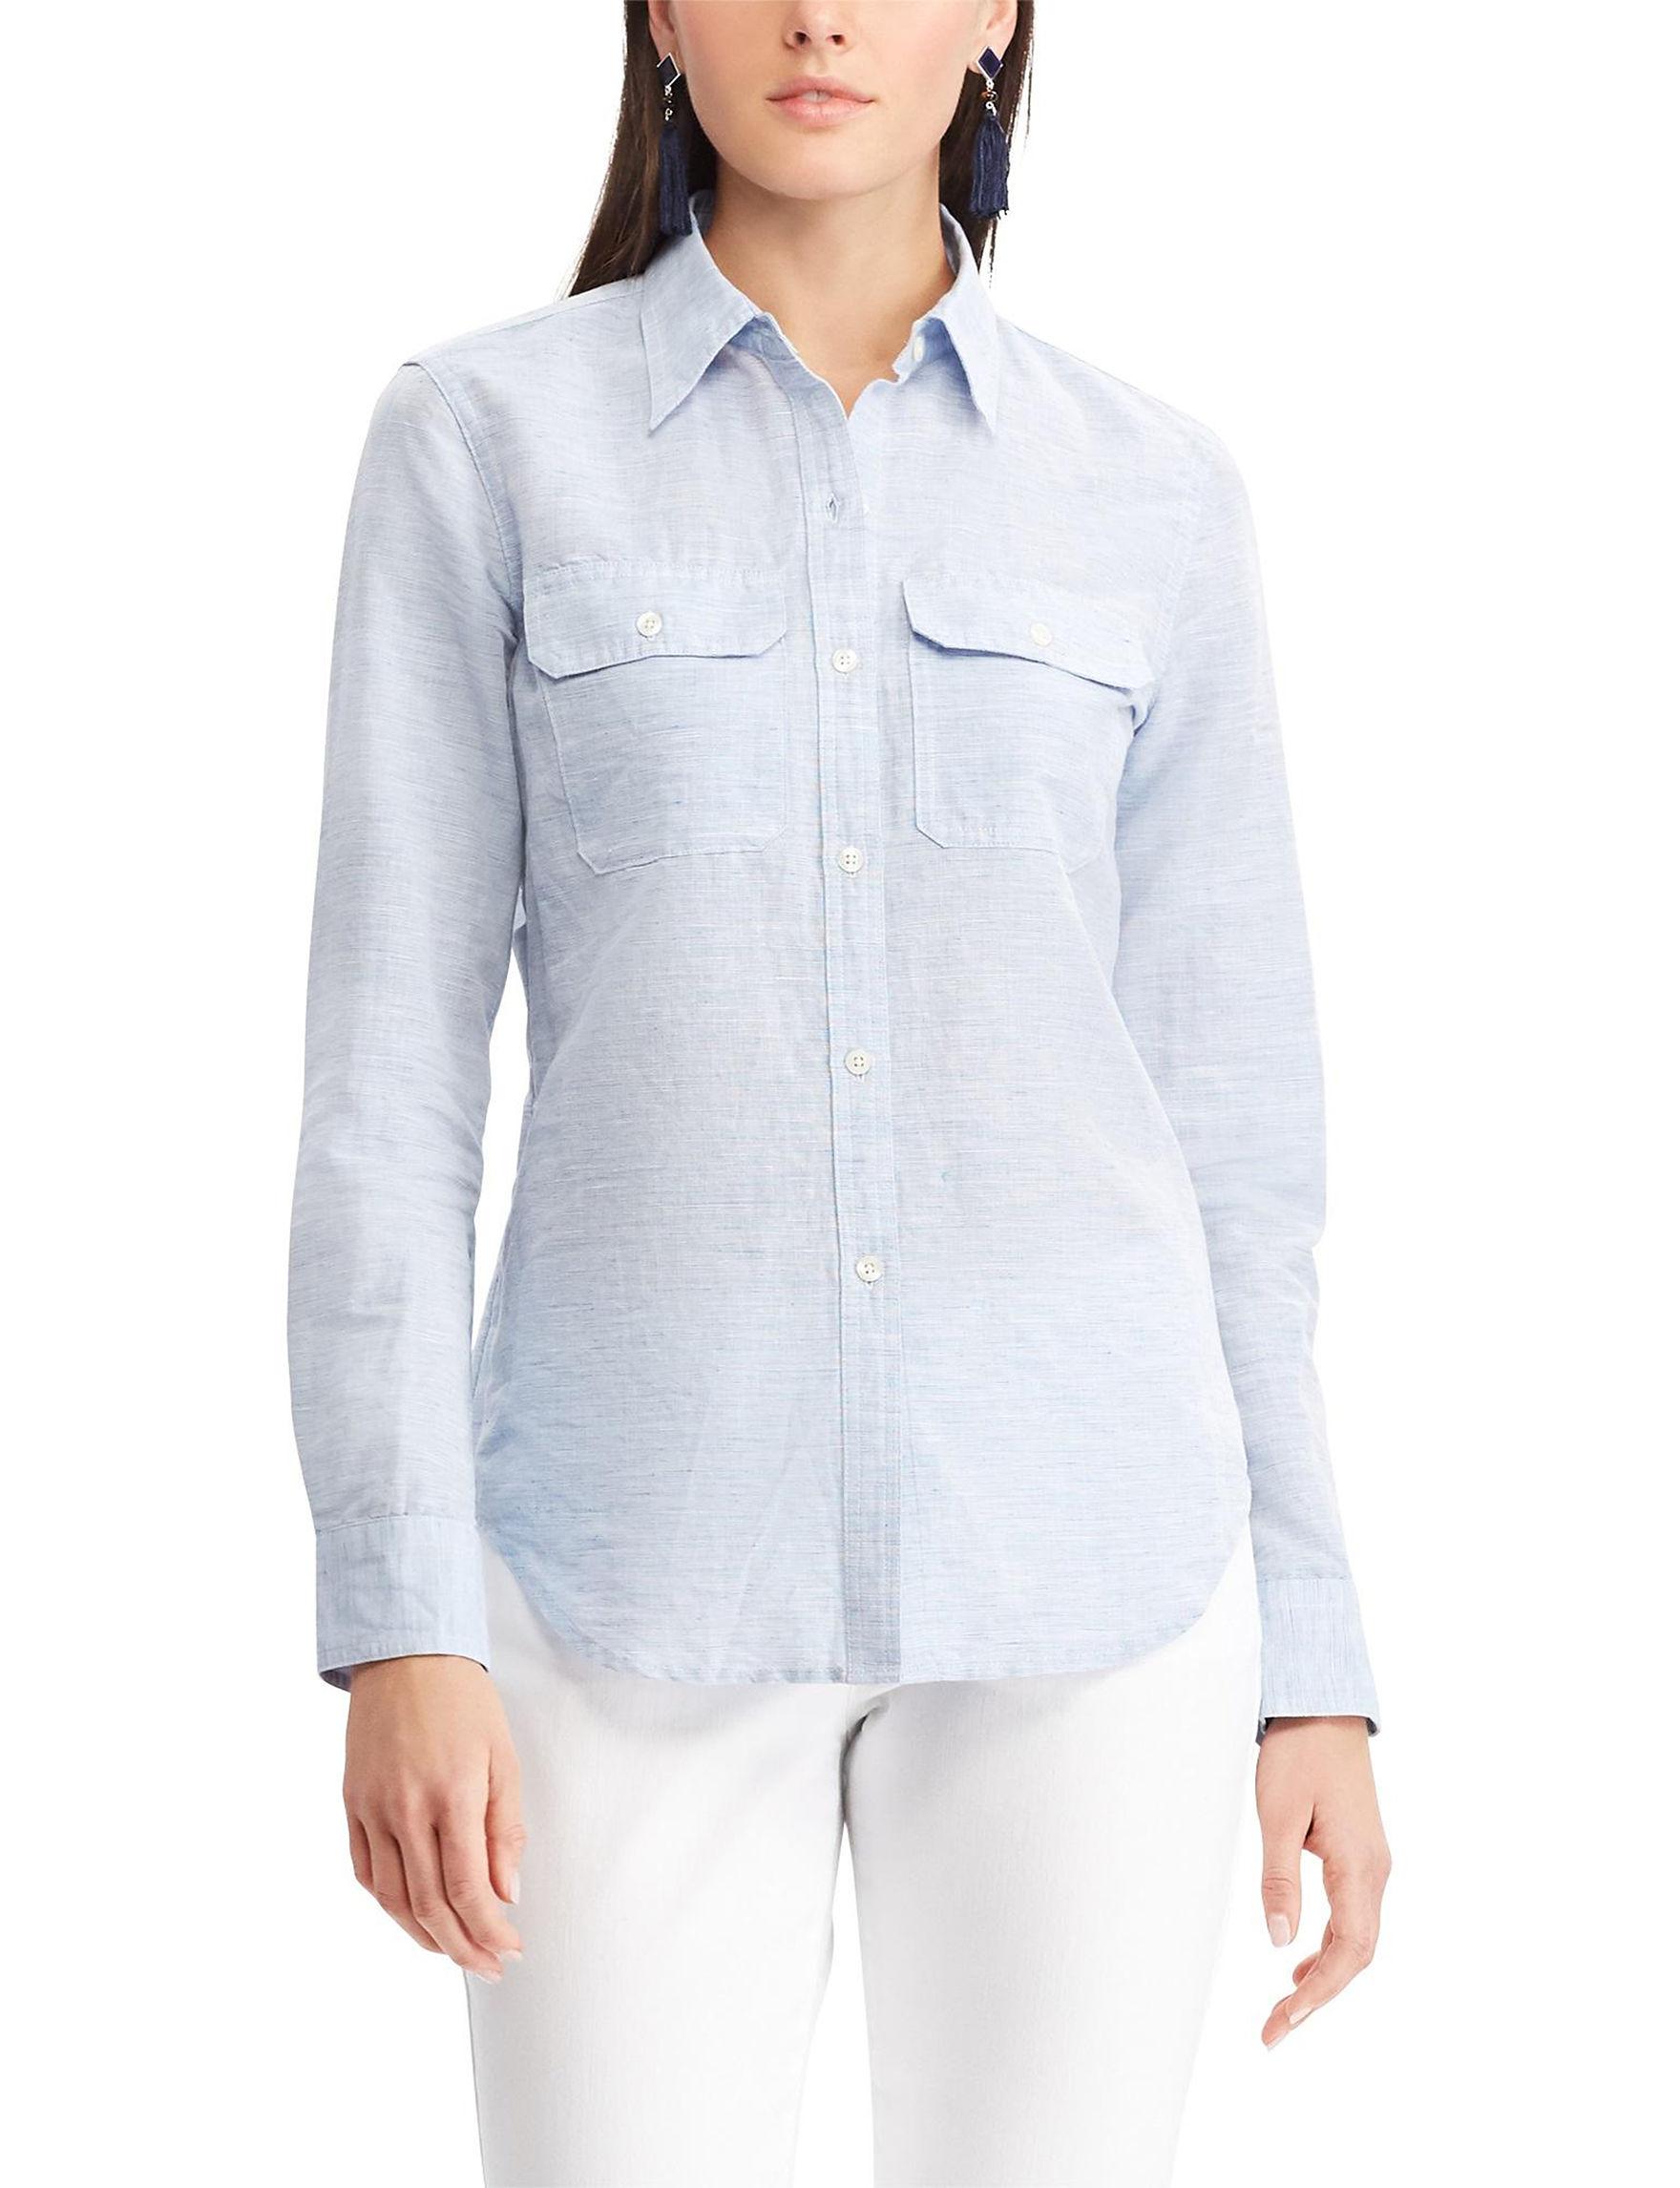 Chaps Blue Shirts & Blouses